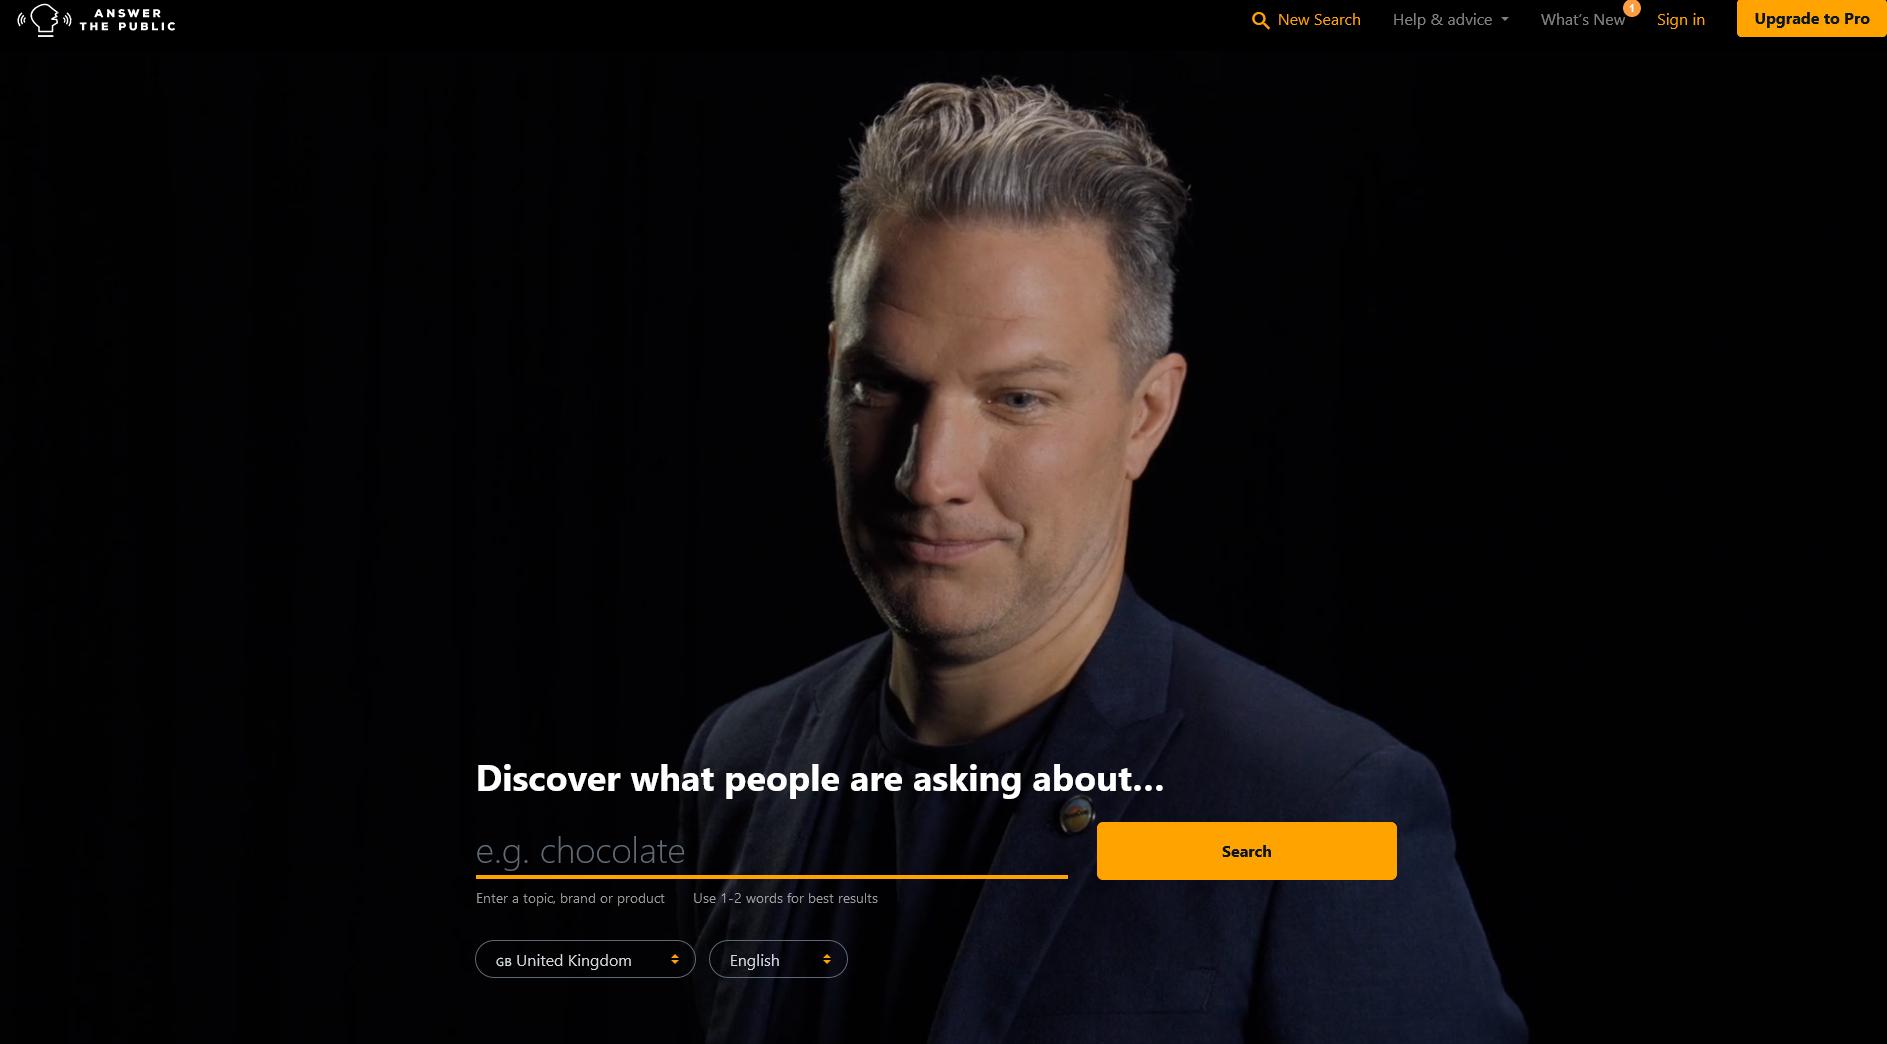 herramienta de escucha de mercado, investigación de contenidos y palabras clave - AnswerThePublic